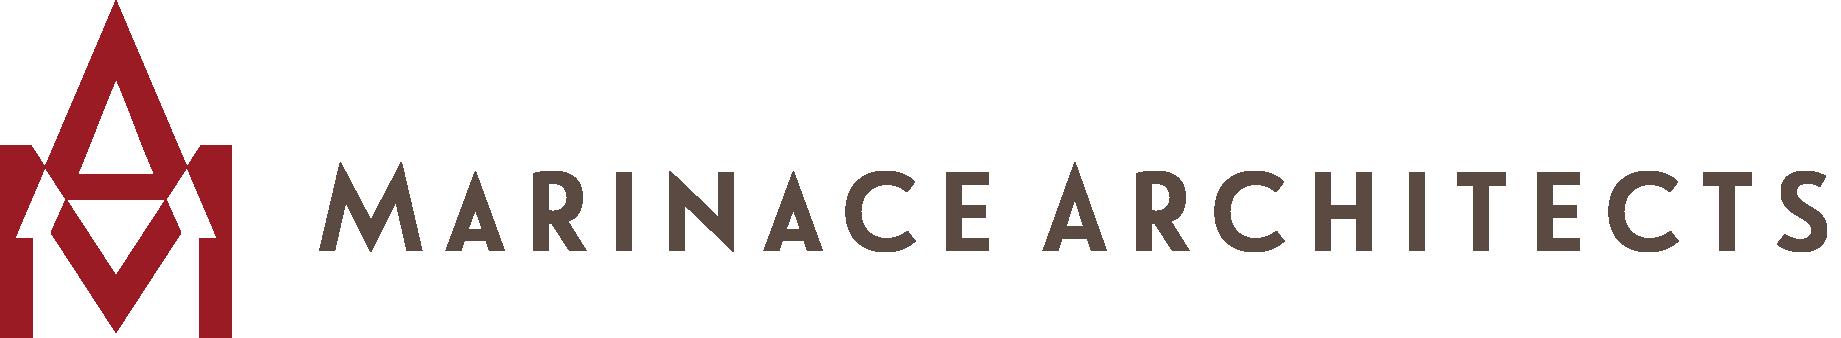 Marinace Architects